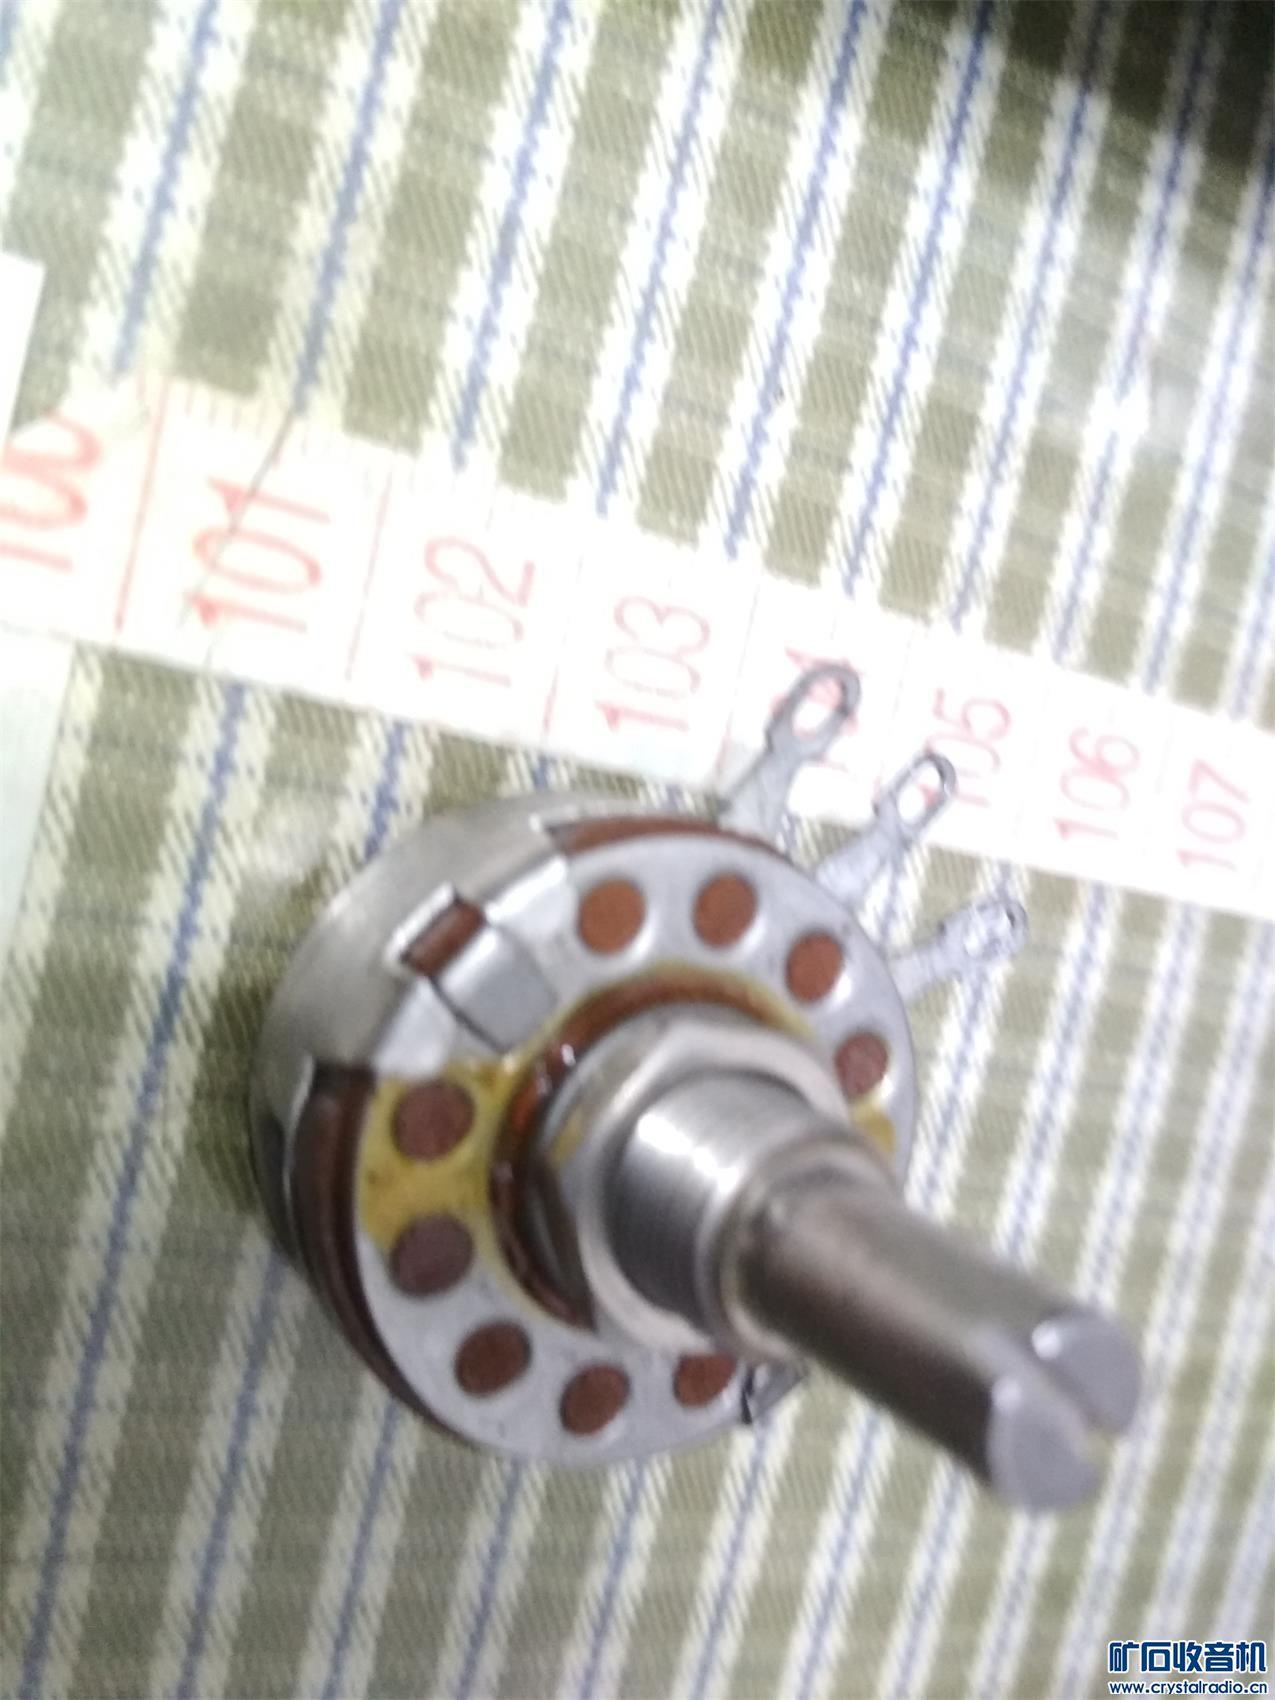 3864号进口10元 (2).jpg